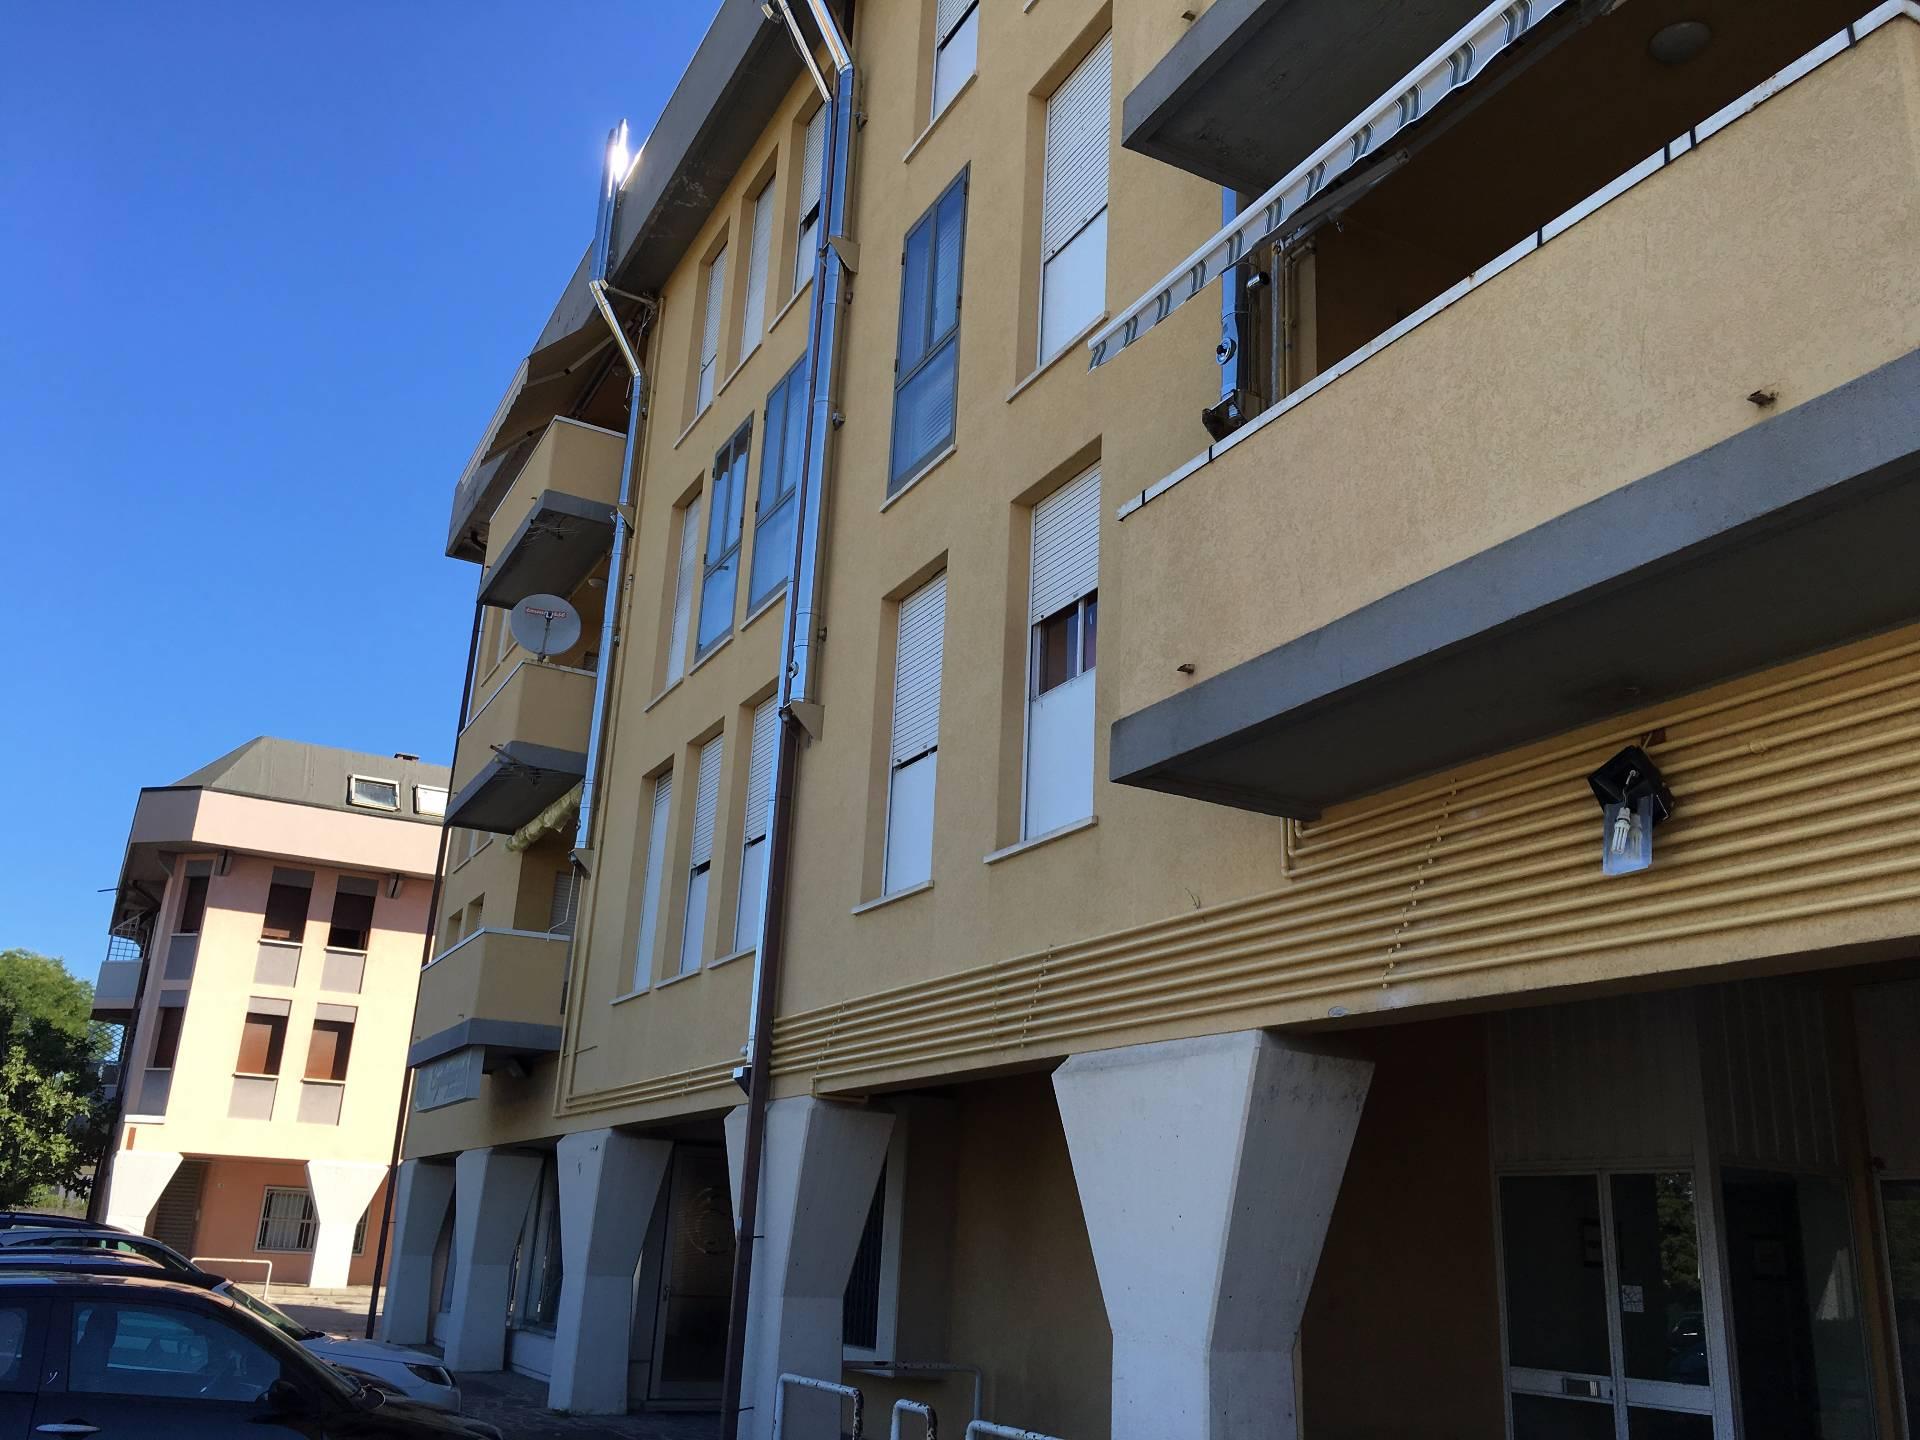 Appartamento in vendita a Riese Pio X, 6 locali, prezzo € 80.000 | CambioCasa.it